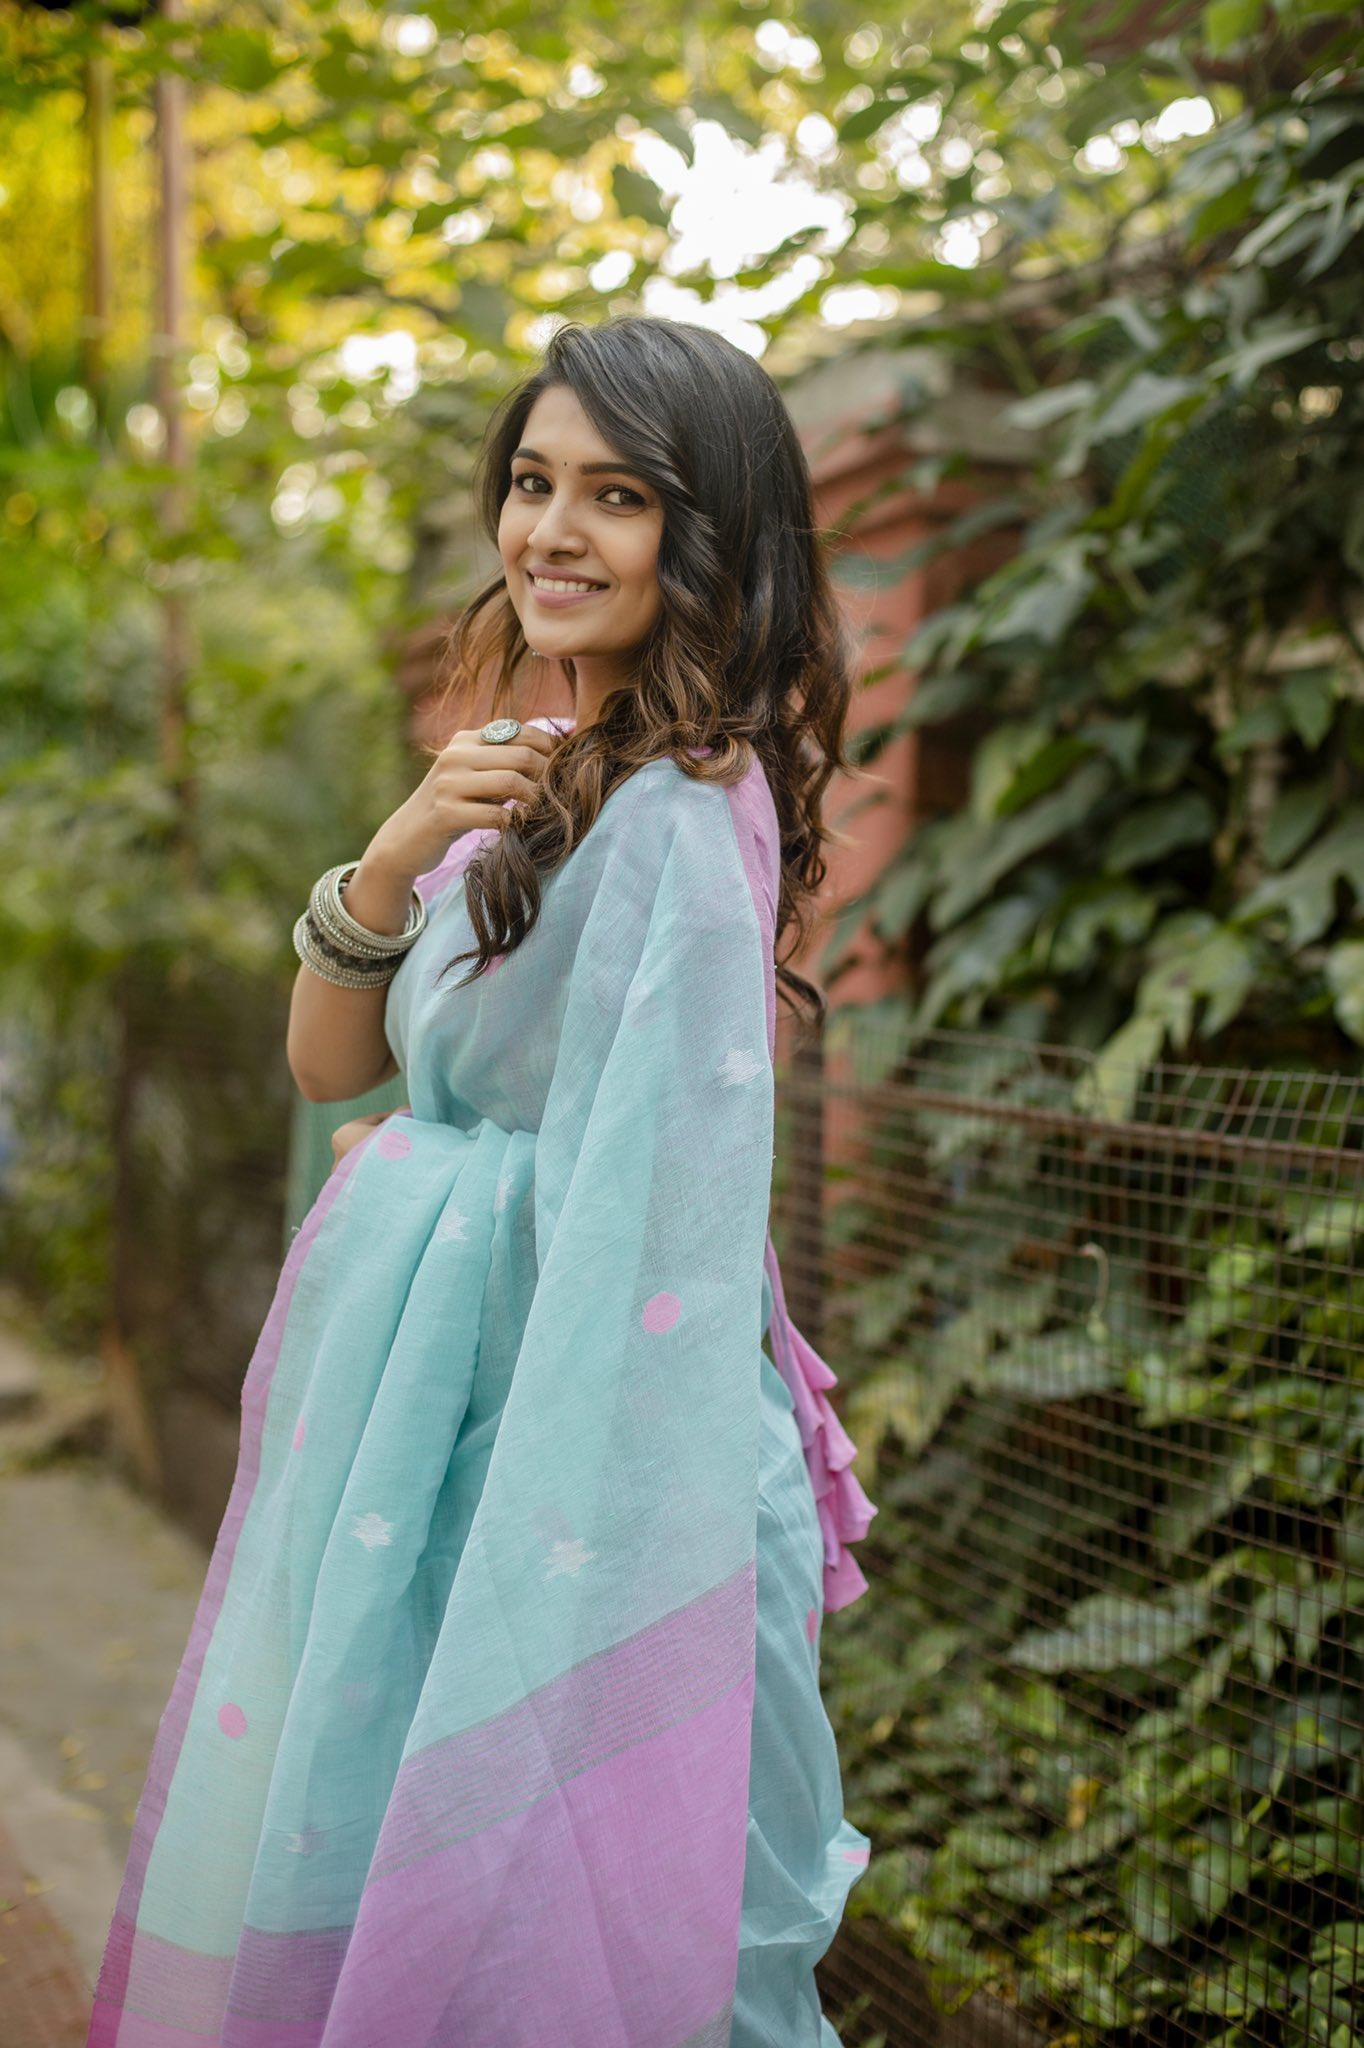 நடிகை வாணி போஜன் ( Image :Instagram @vanibhojan_)